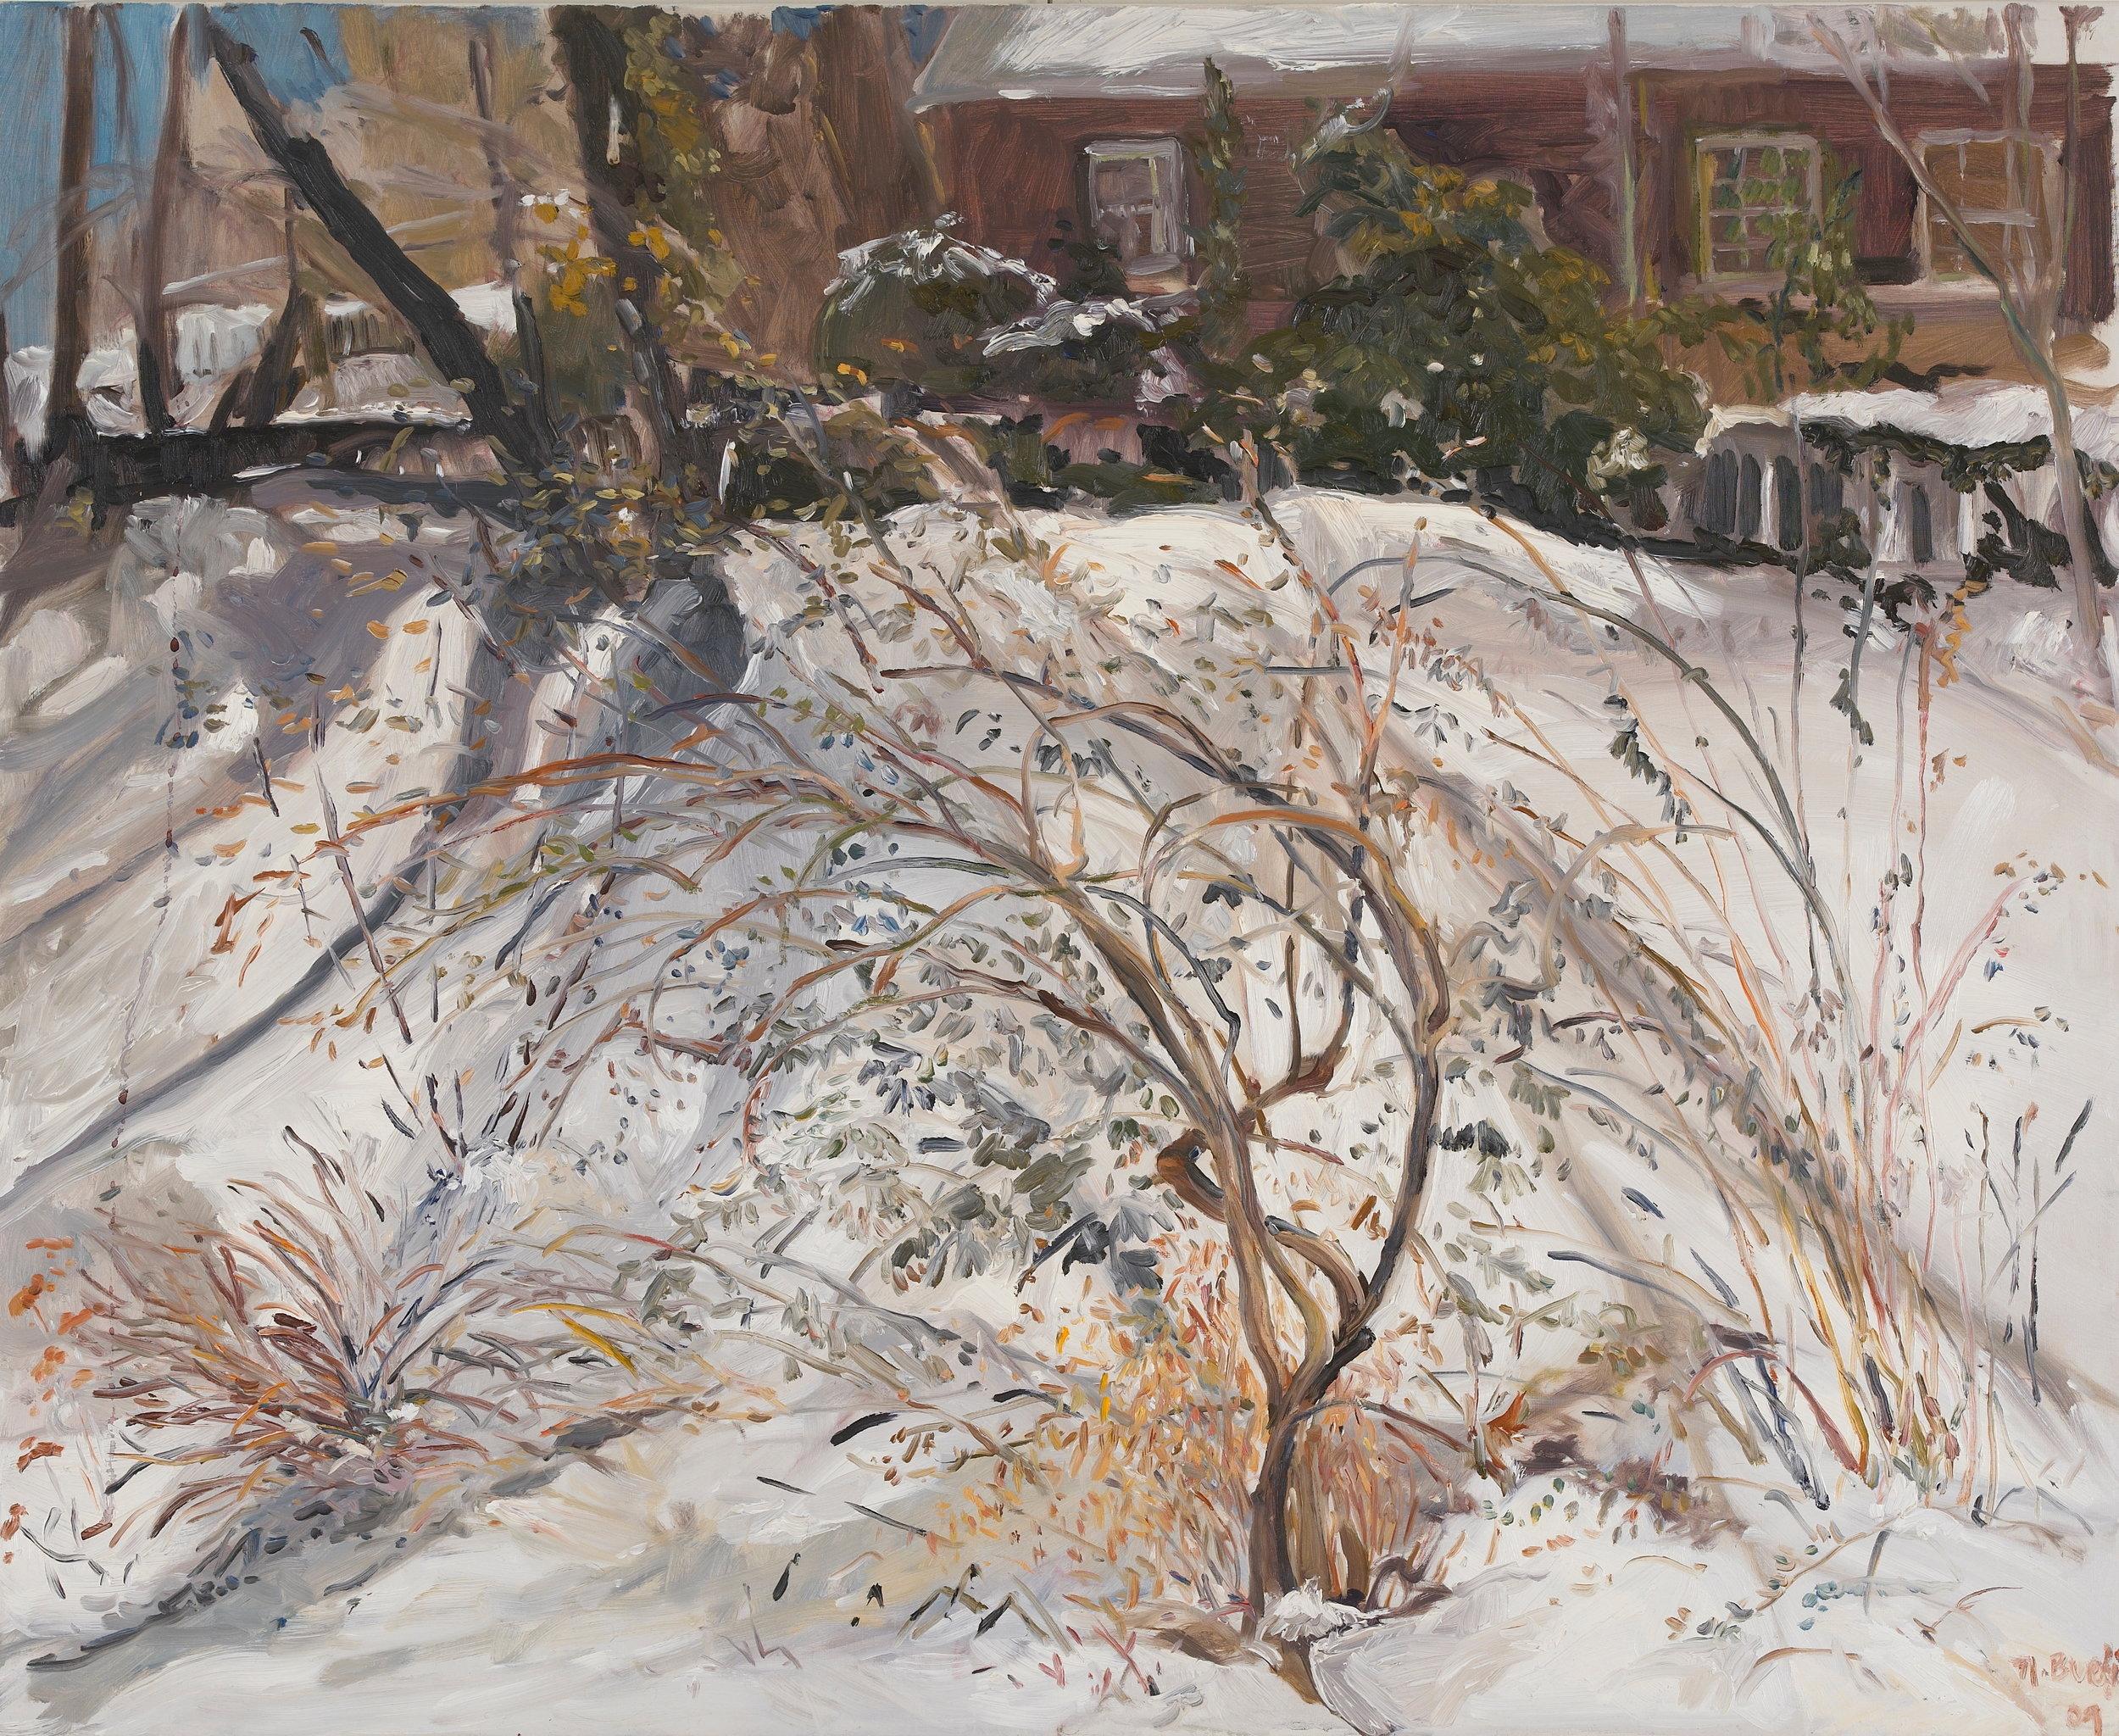 Butterfly Bush in Winter  28X32 - Oil on Linen